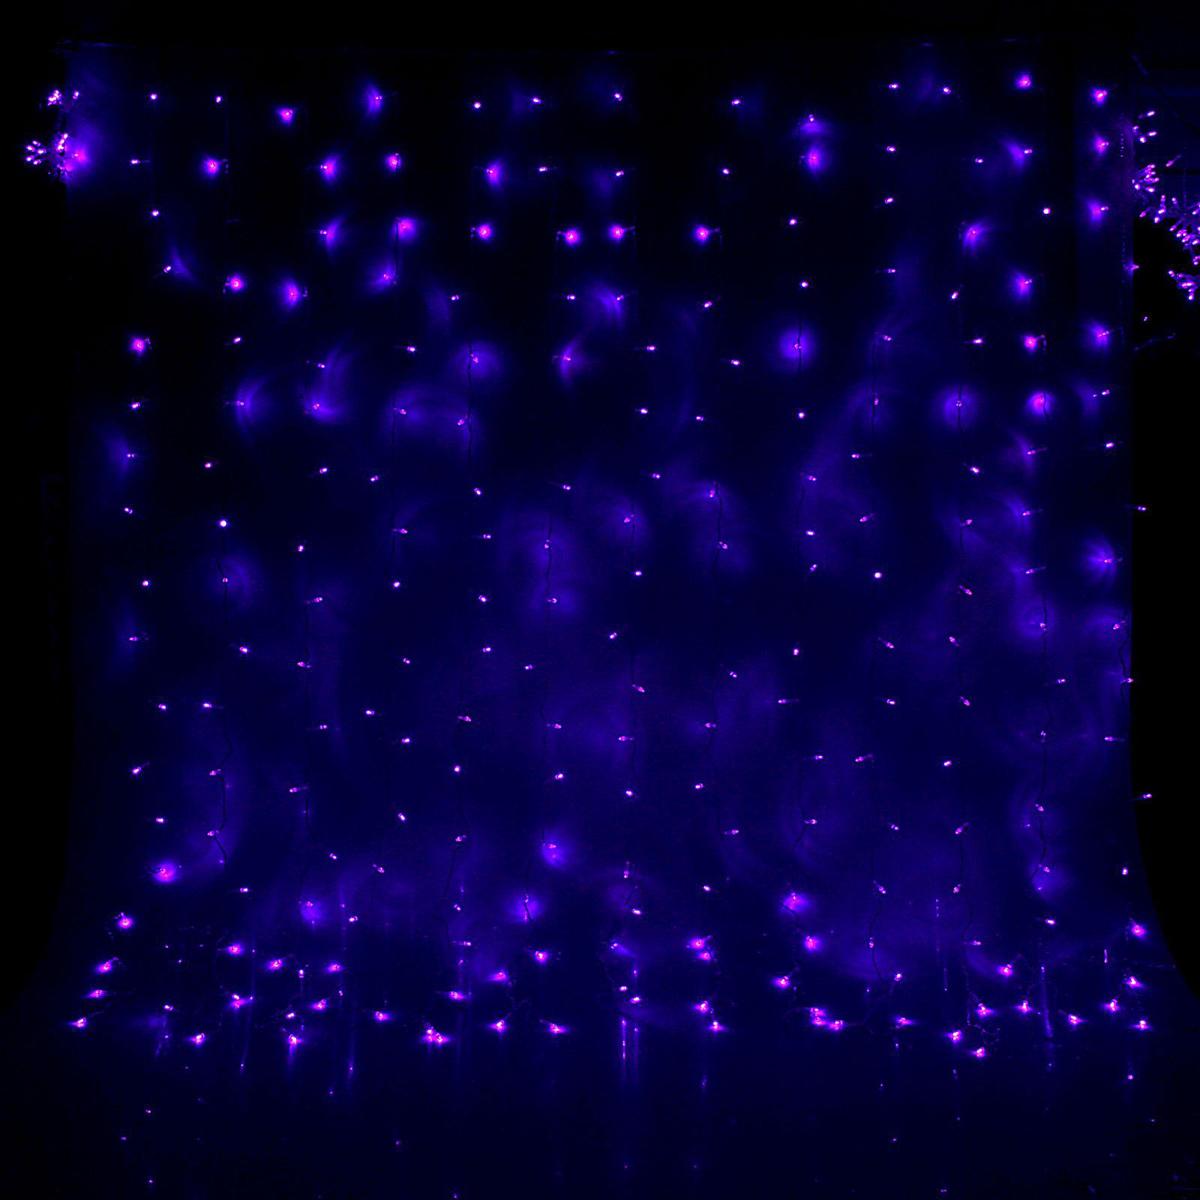 Гирлянда светодиодная Luazon Занавес, цвет: фиолетовый, 360 ламп, 8 режимов, 220 V, 2 х 1,5 м. 10804671080467Светодиодные гирлянды и ленты — это отличный вариант для новогоднего оформления интерьера или фасада. С их помощью помещение любого размера можно превратить в праздничный зал, а внешние элементы зданий, украшенные ими, мгновенно станут напоминать очертания сказочного дворца. Такие украшения создают ауру предвкушения чуда. Деревья, фасады, витрины, окна и арки будто специально созданы, чтобы вы украсили их светящимися нитями.